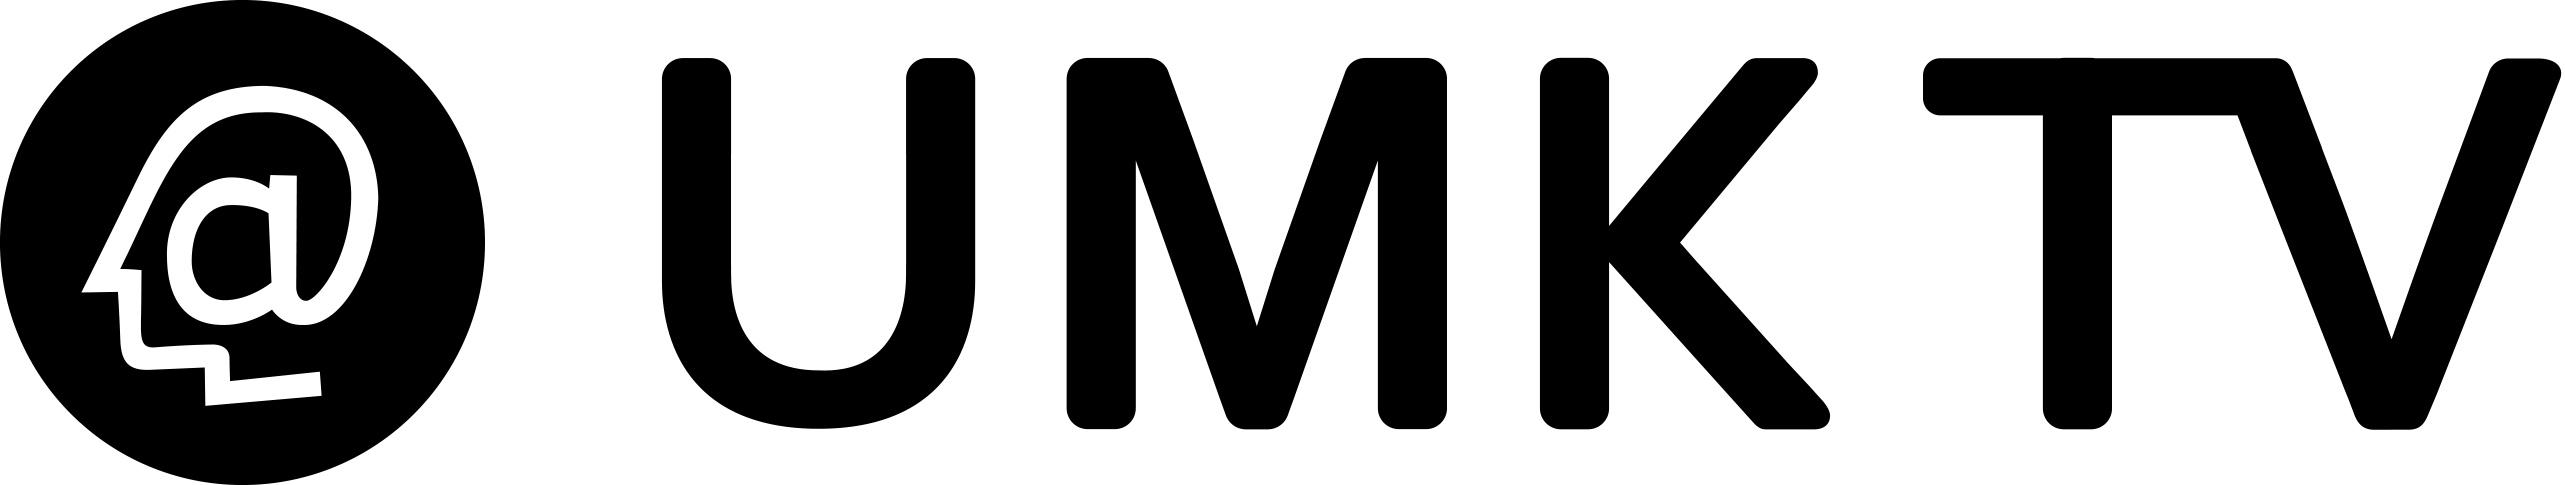 UMK tv